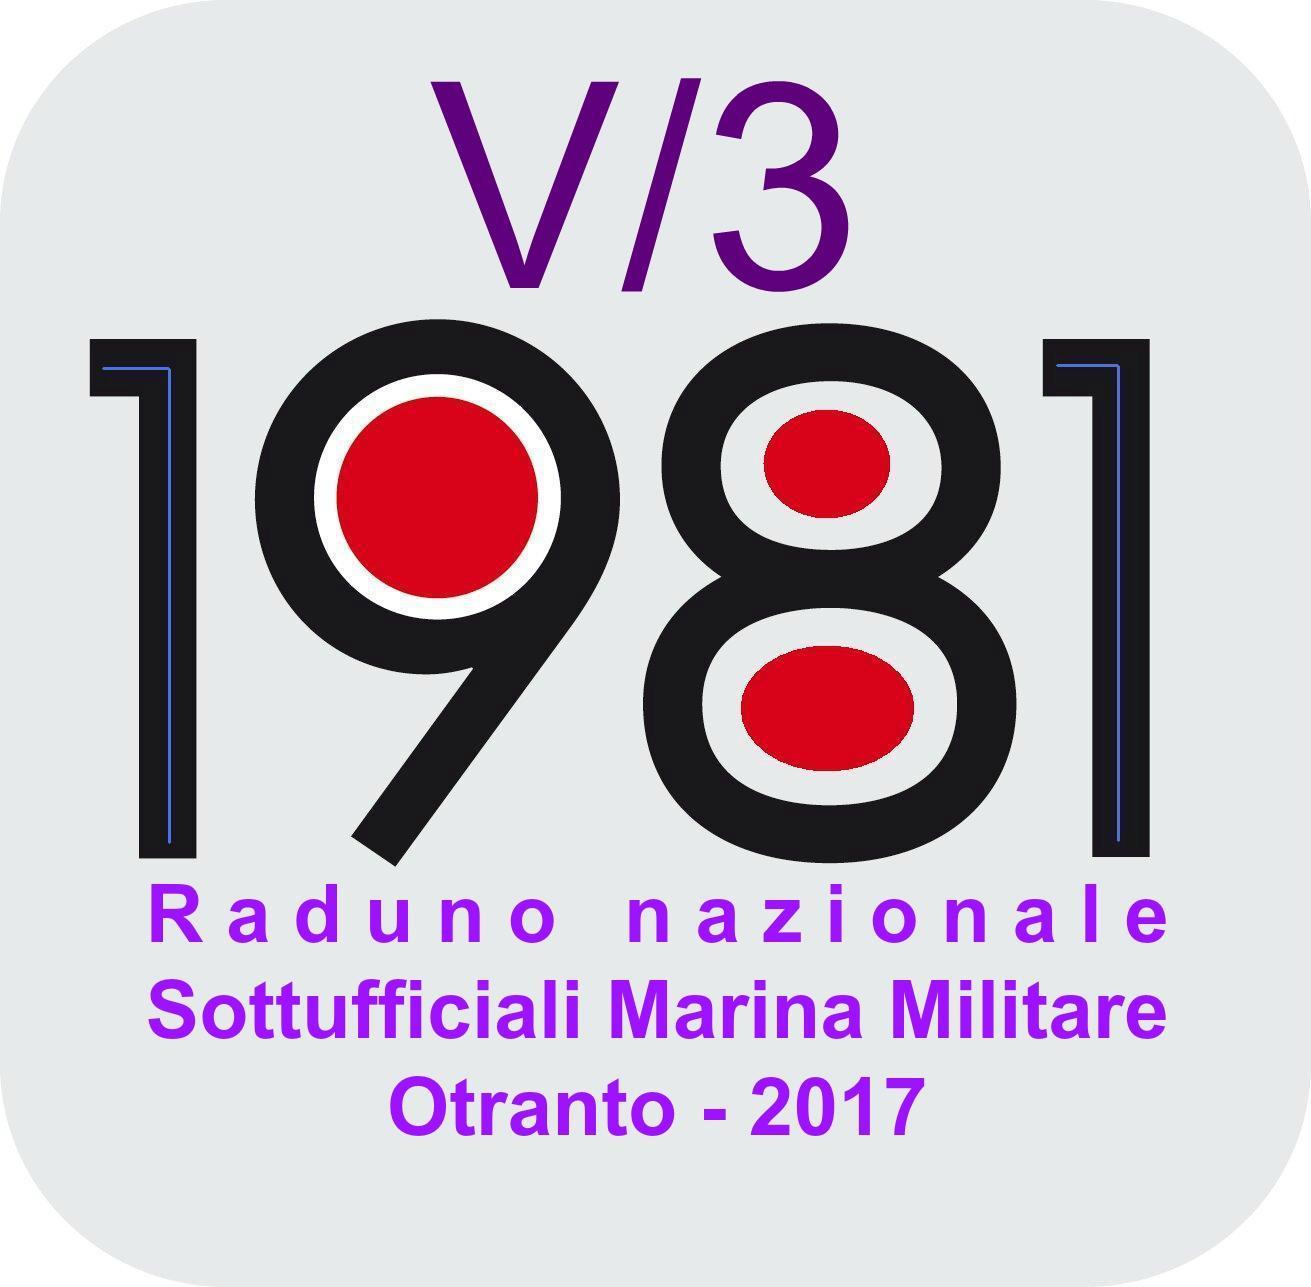 Raduno Sottufficiali M.M. Corso V3/81. Aggiornamenti.